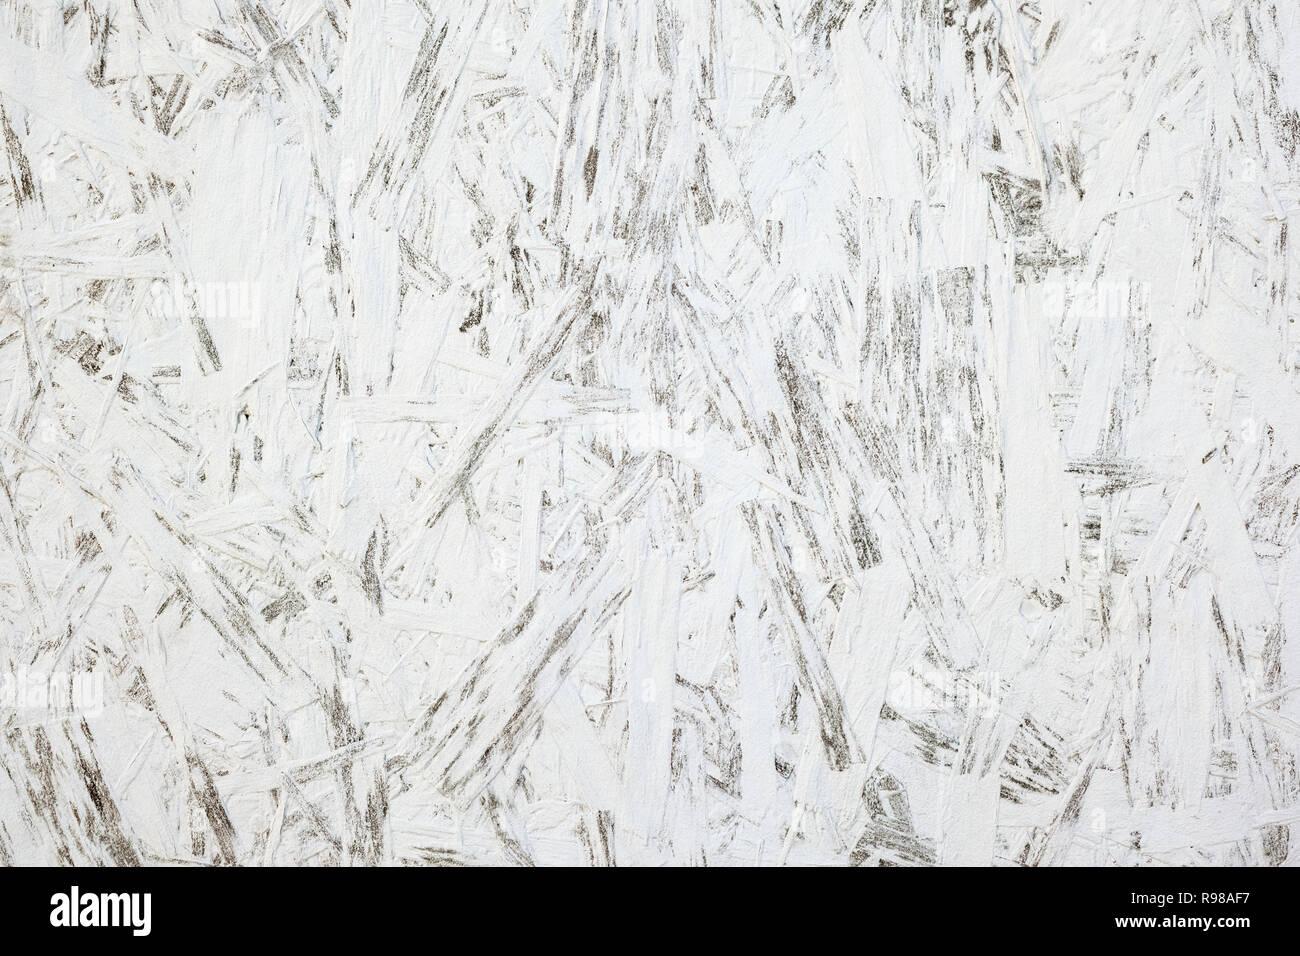 Extrem Textur von großen Holz Spanplatte weiss lackiert Hintergrund ML74